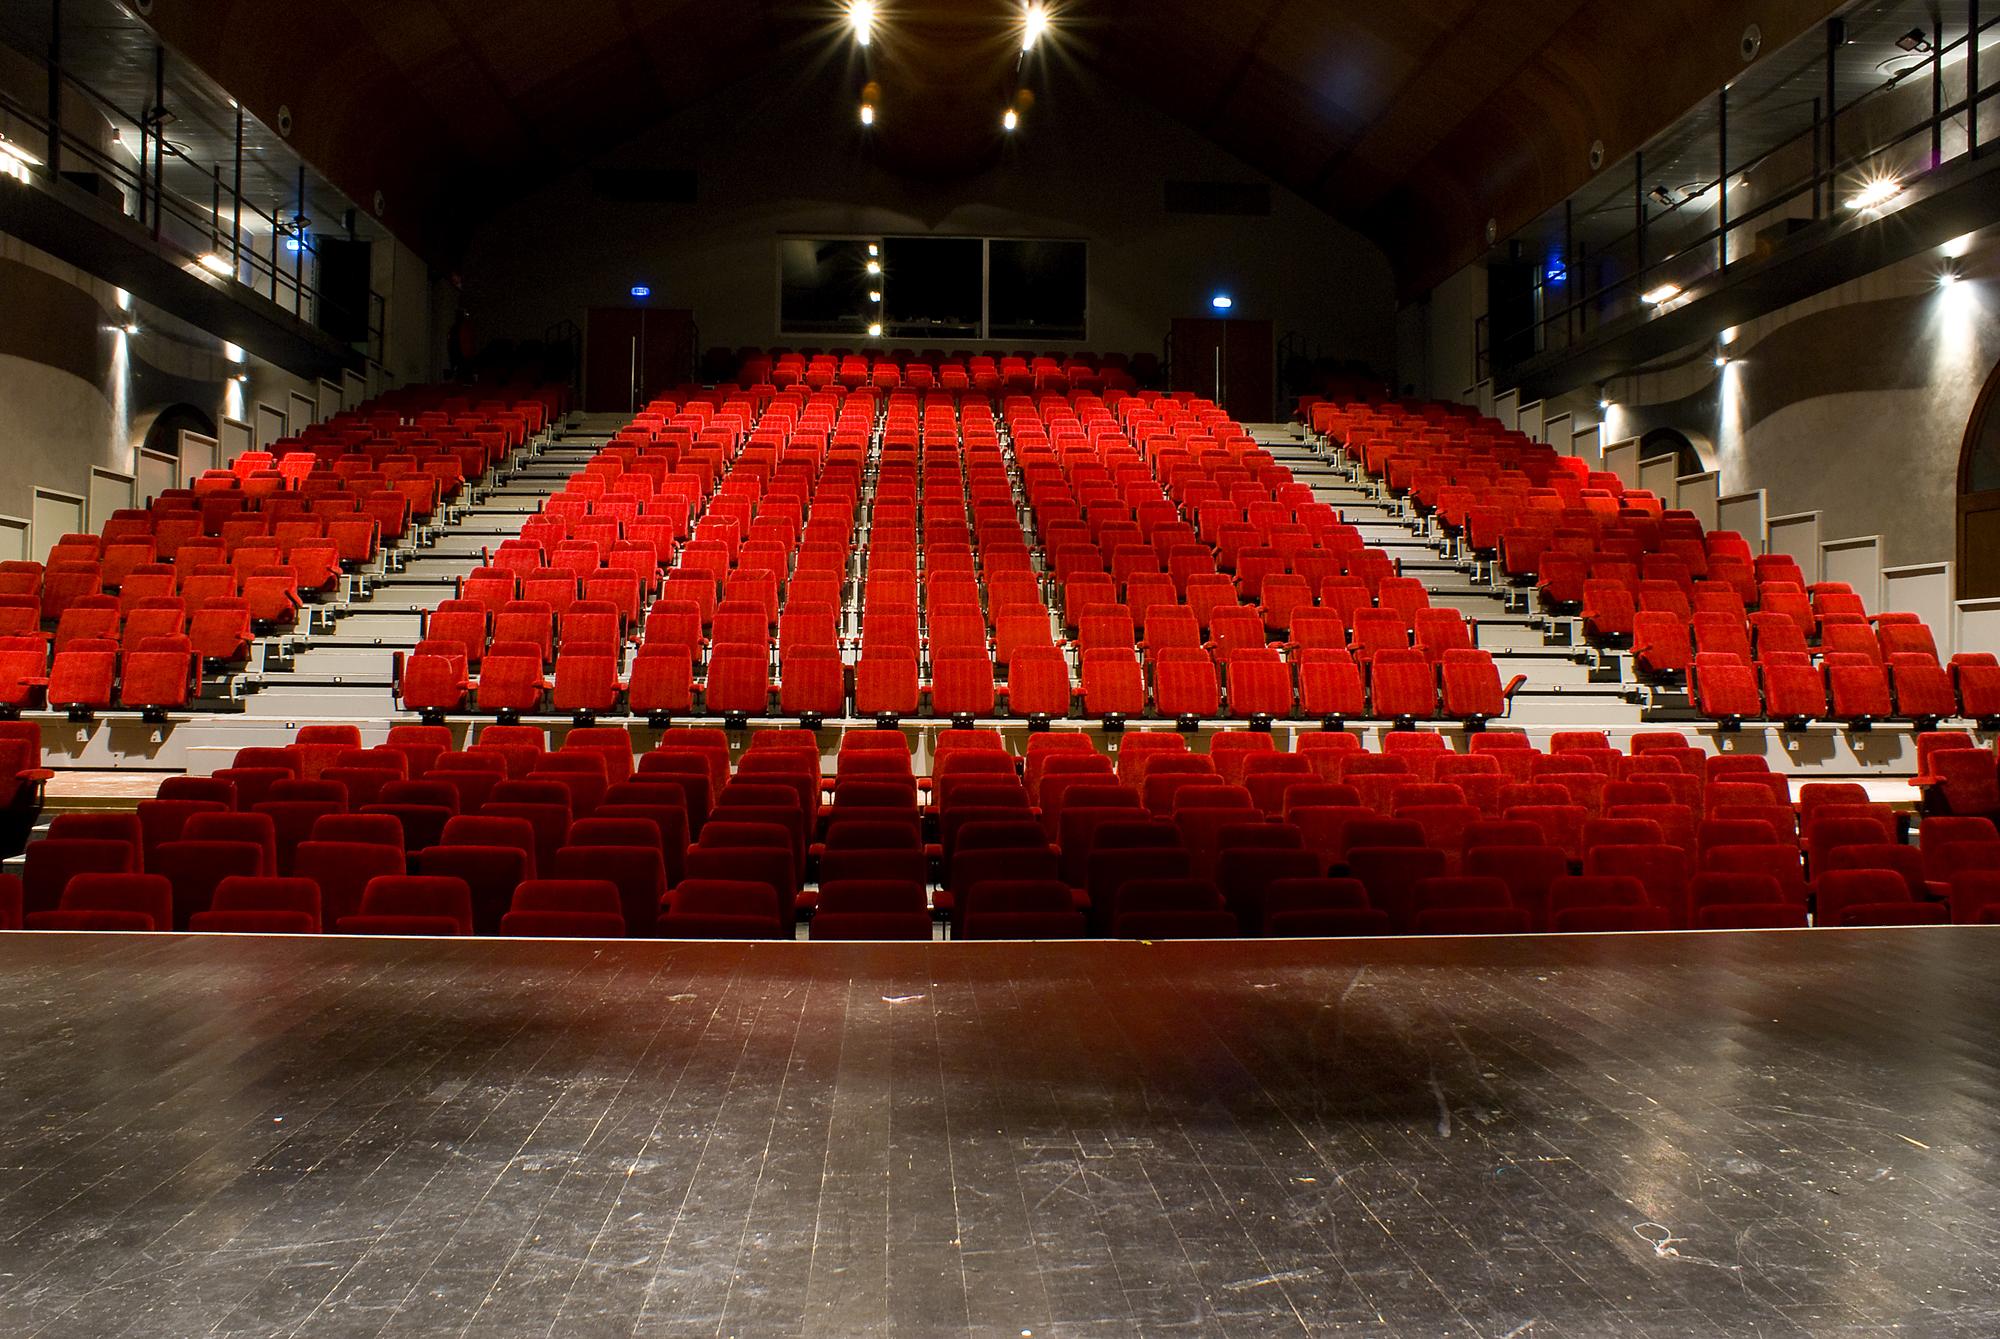 Theater main Nouveau livre im-pro-visée acn formation christophe nançoz improvisation théâtre suisse acnformation atelier cours entreprise CPO lausanne université populaire